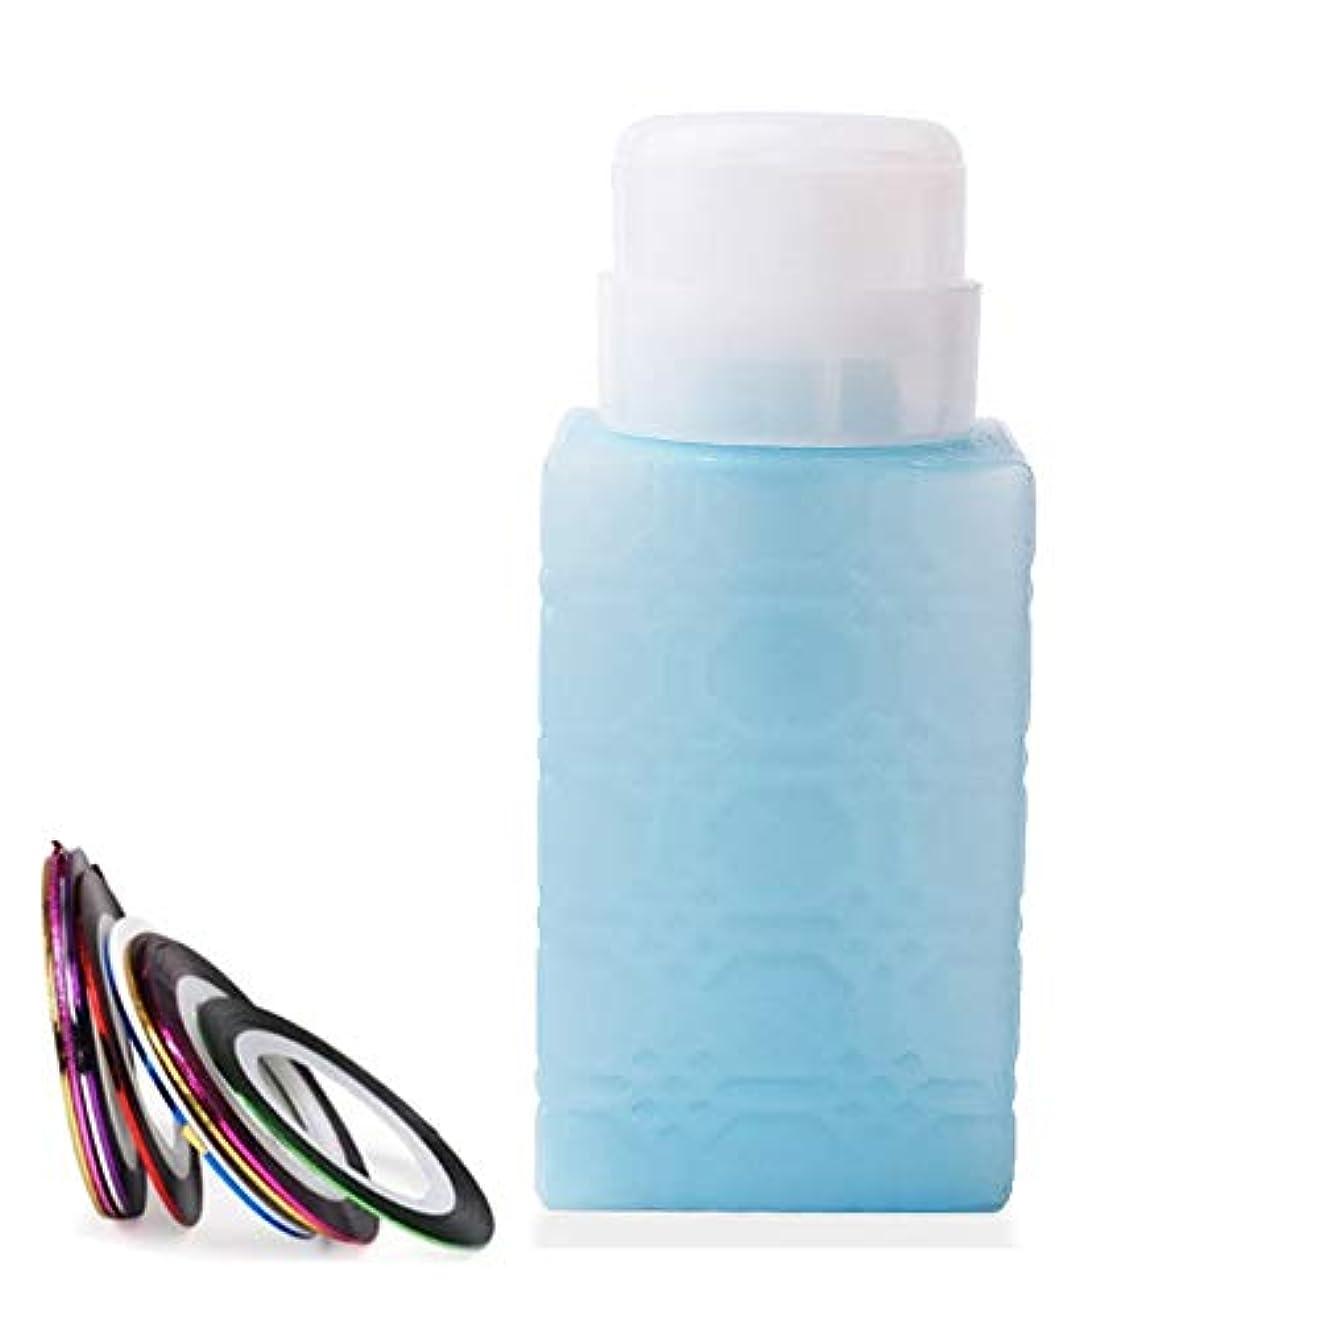 おじさん入る存在する空ポンプボトル ポンプディスペンサー ネイルワイプ瓶 ジュルクリーナー ジュルリムーバー 可愛い (ブルー)